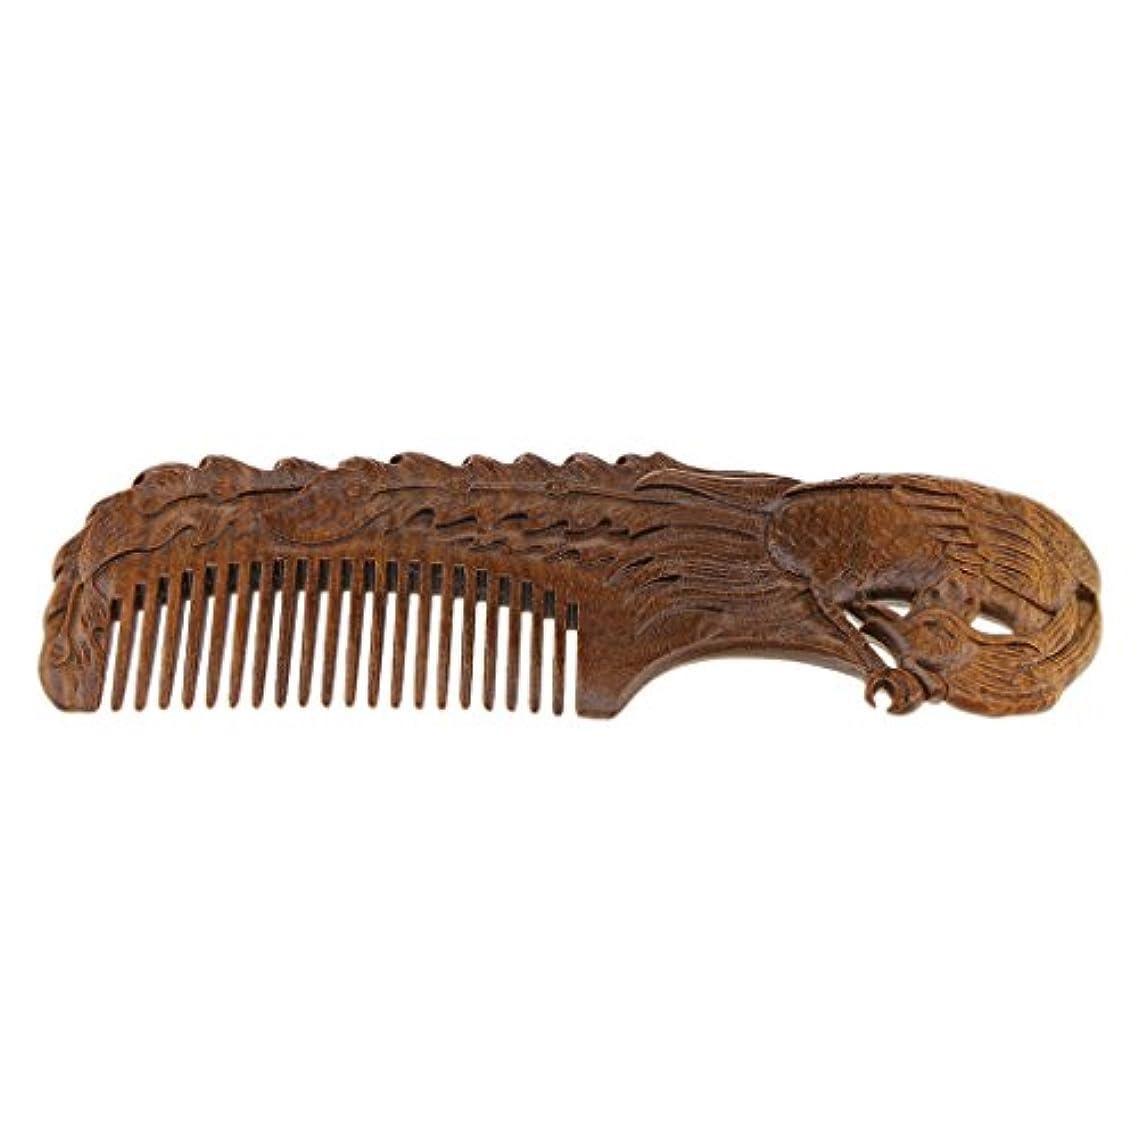 商標歯科のデータベースウッドコーム 木製コーム 木製櫛 ヘアブラシ ヘアコーム 滑らかな歯 頭皮マッサージ 全2種類選択 - Phoenix